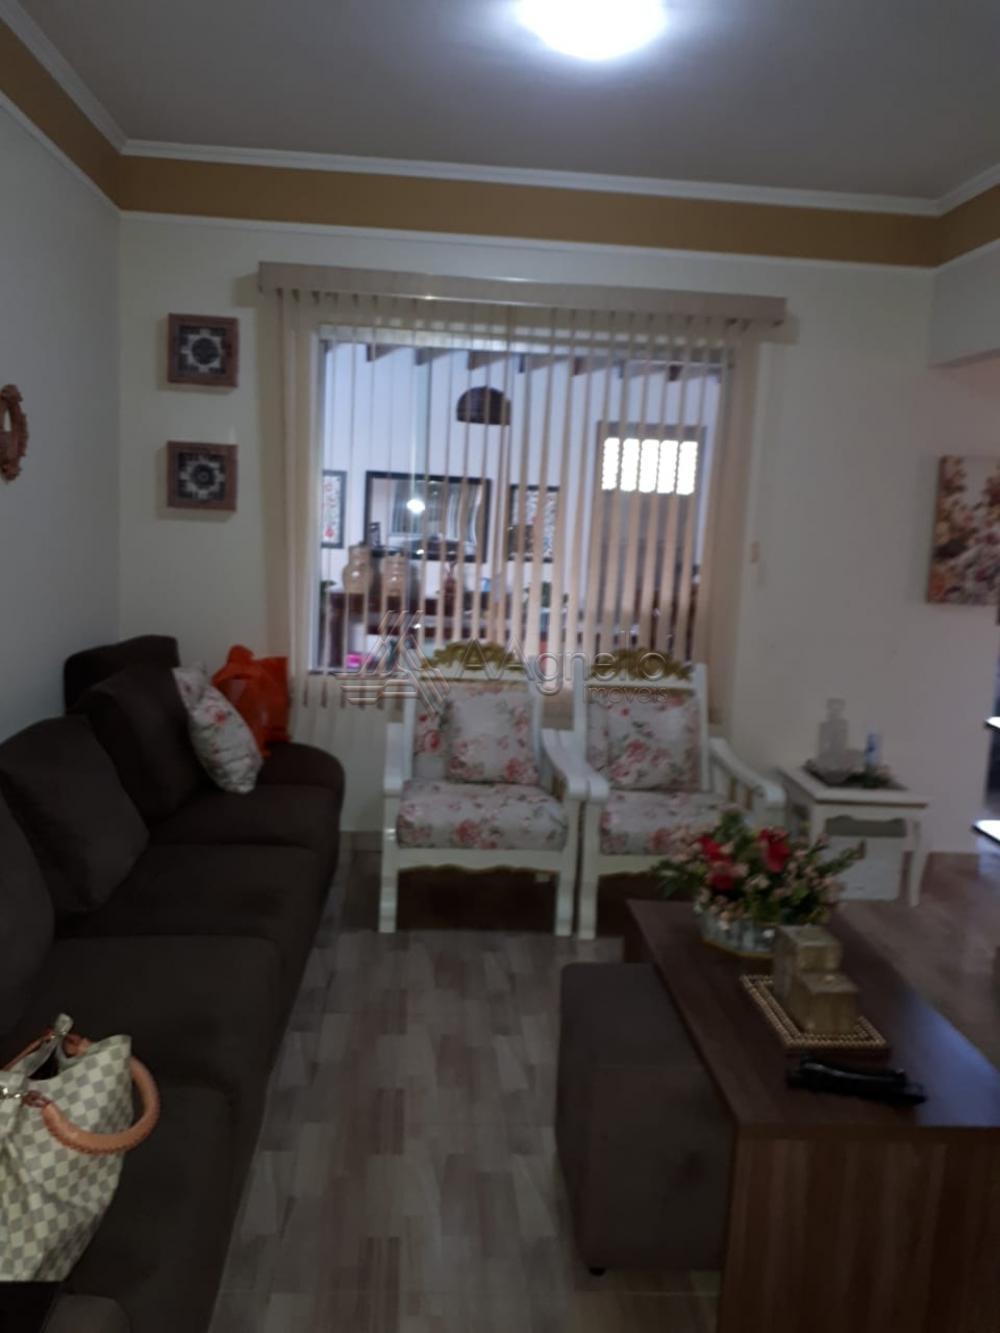 Comprar Casa / Padrão em Franca apenas R$ 280.000,00 - Foto 13